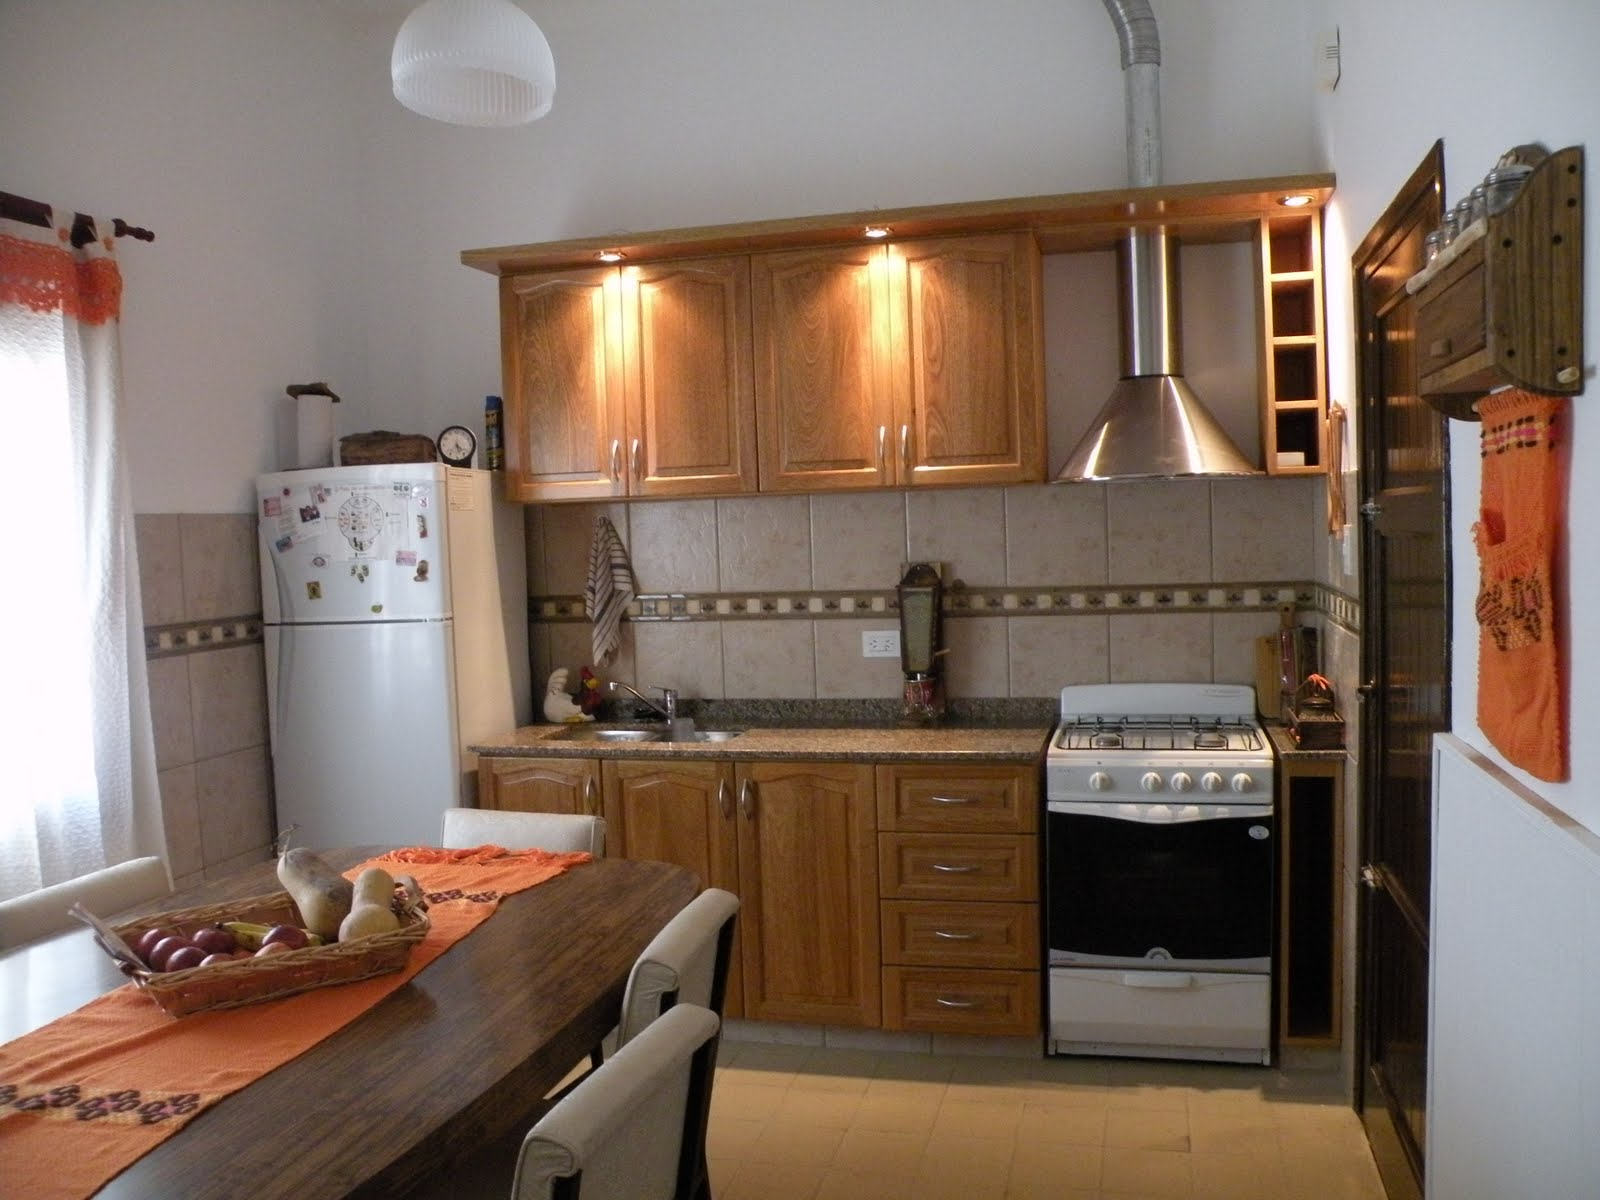 Amoblamientos roman roble colonial iluminado por cenefas for Ver amoblamientos de cocina